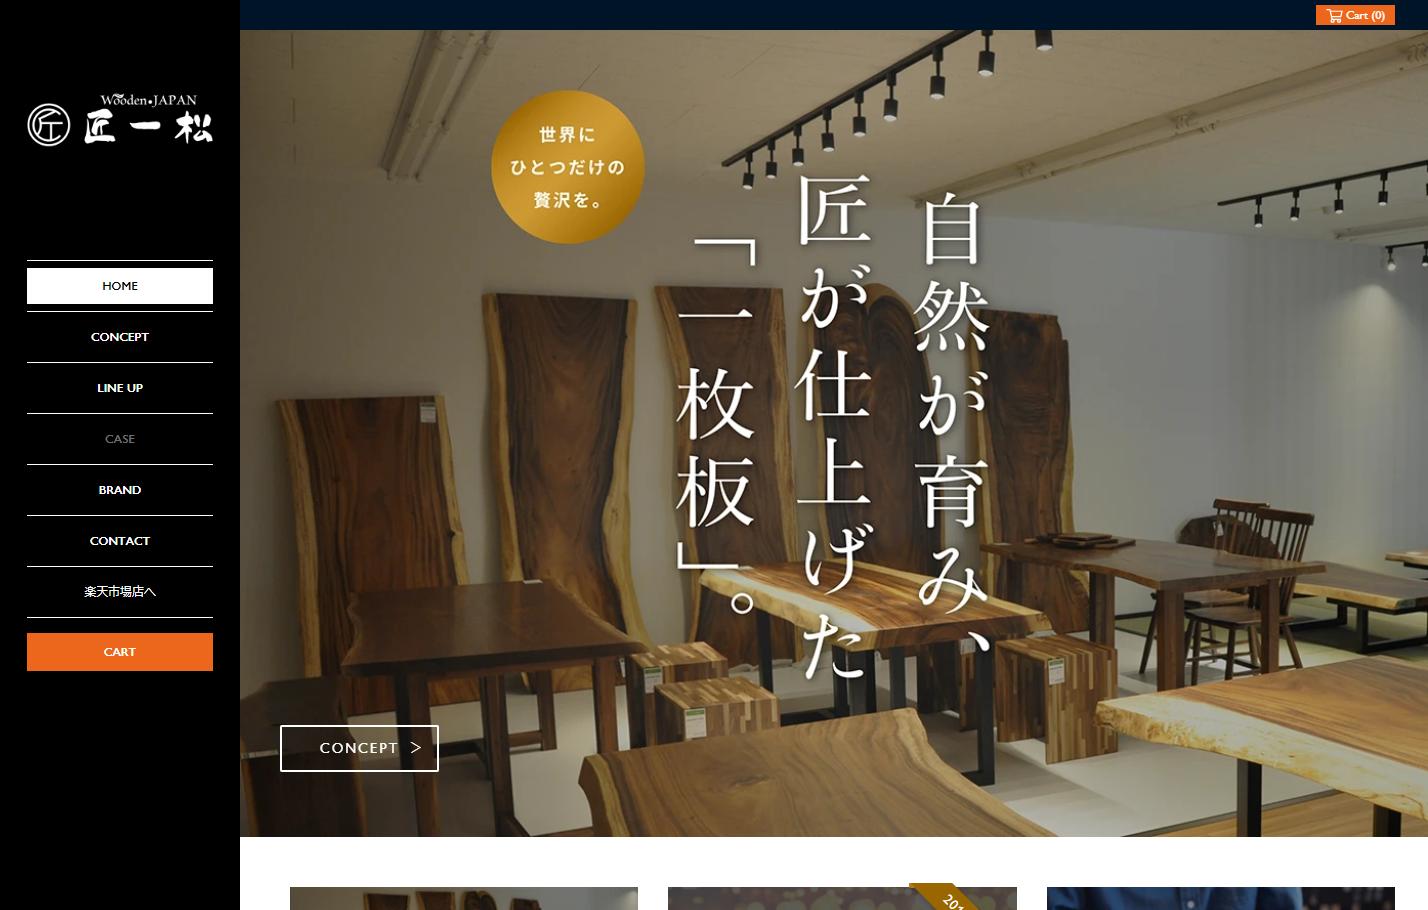 イケショウ株式会社 Wooden JAPAN 匠一松